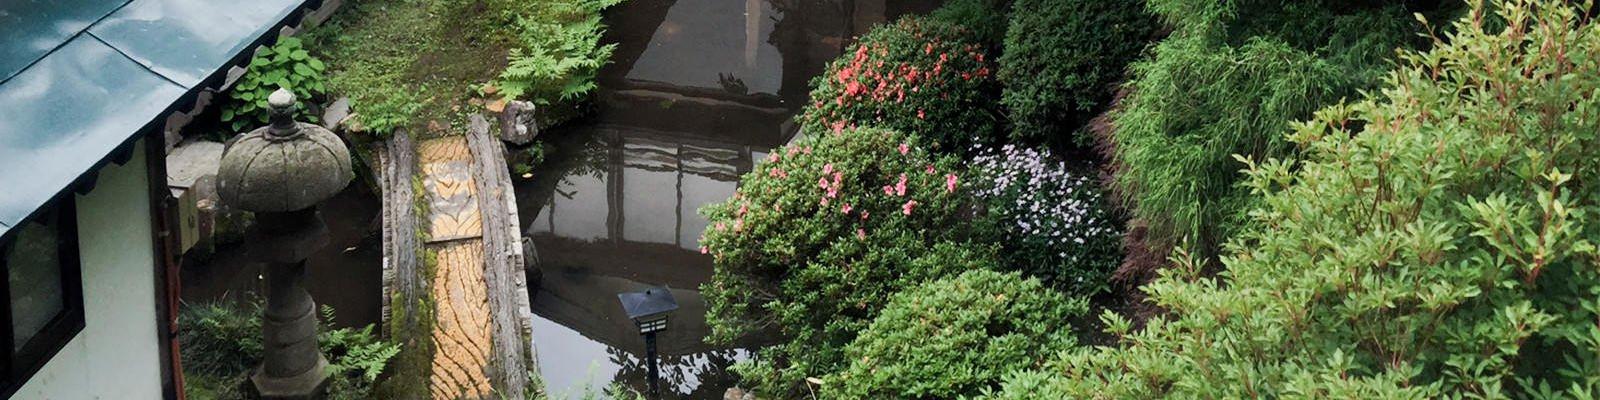 四季折々季節の移ろうお庭を眺めながらゆったりとお過ごしいただけます。